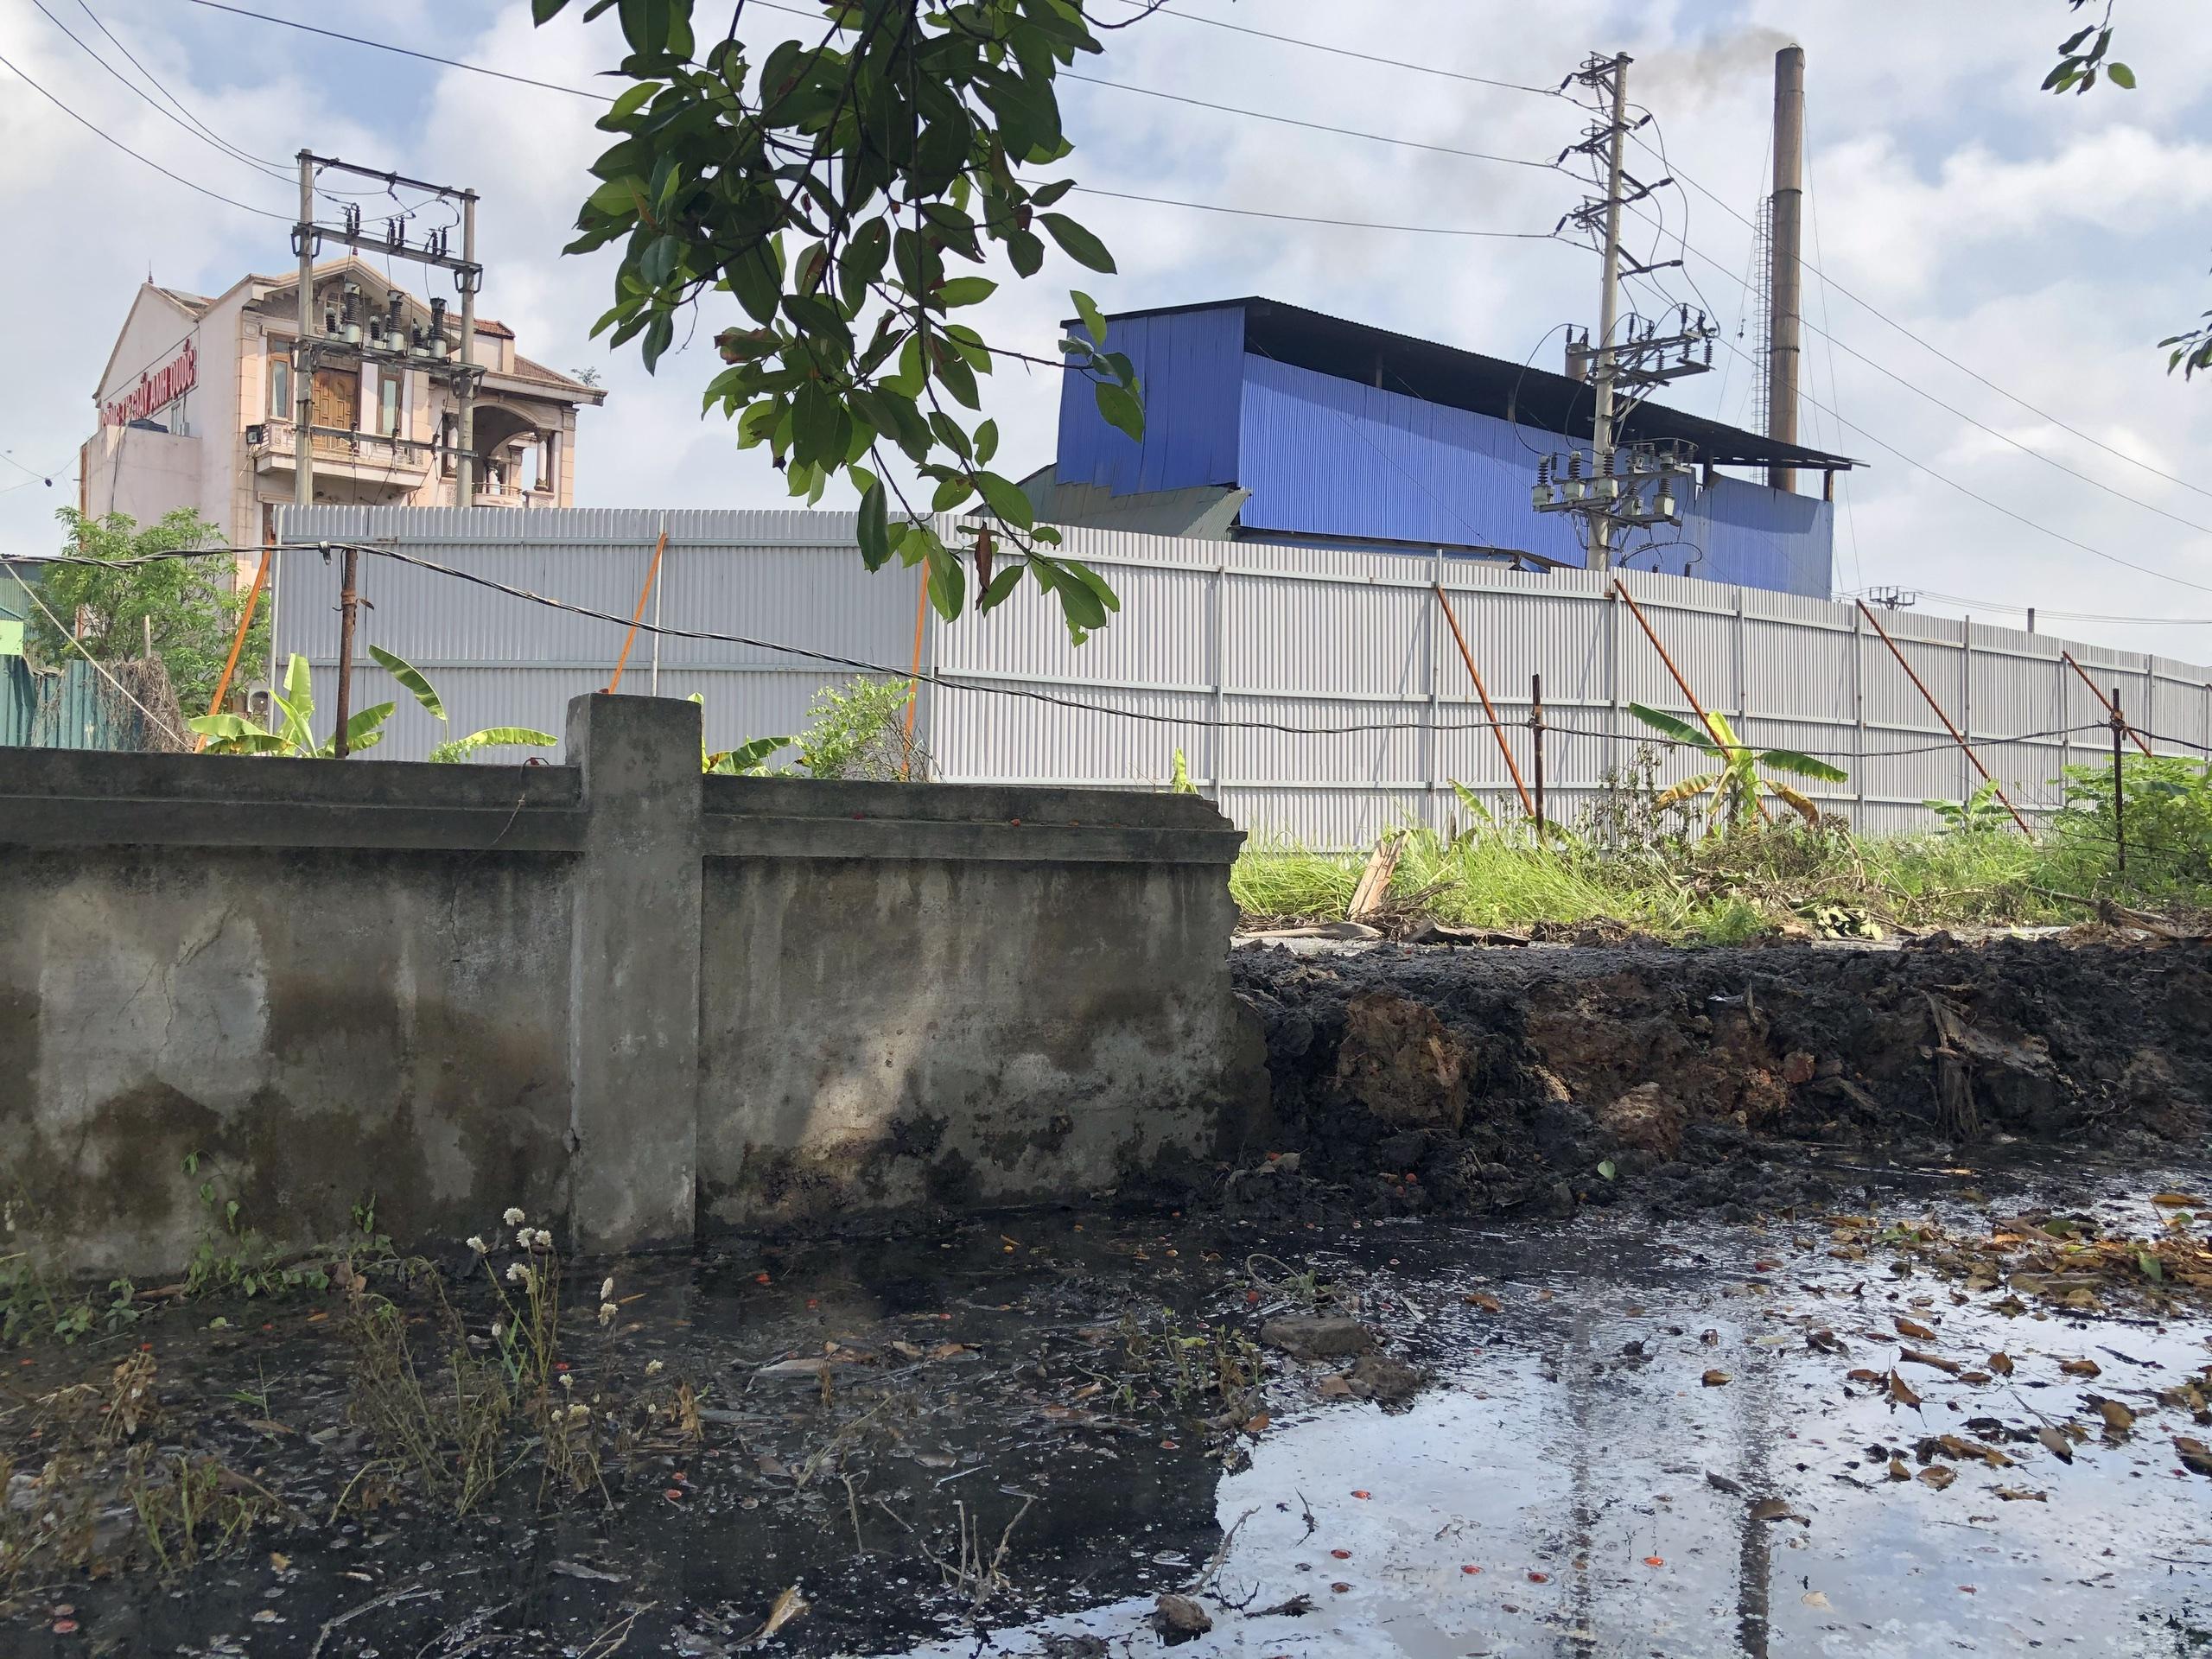 Bắc Ninh: Doanh nghiệp giấy Phú Lâm xả thẳng nước thải độc hại vào đình làng - Ảnh 1.